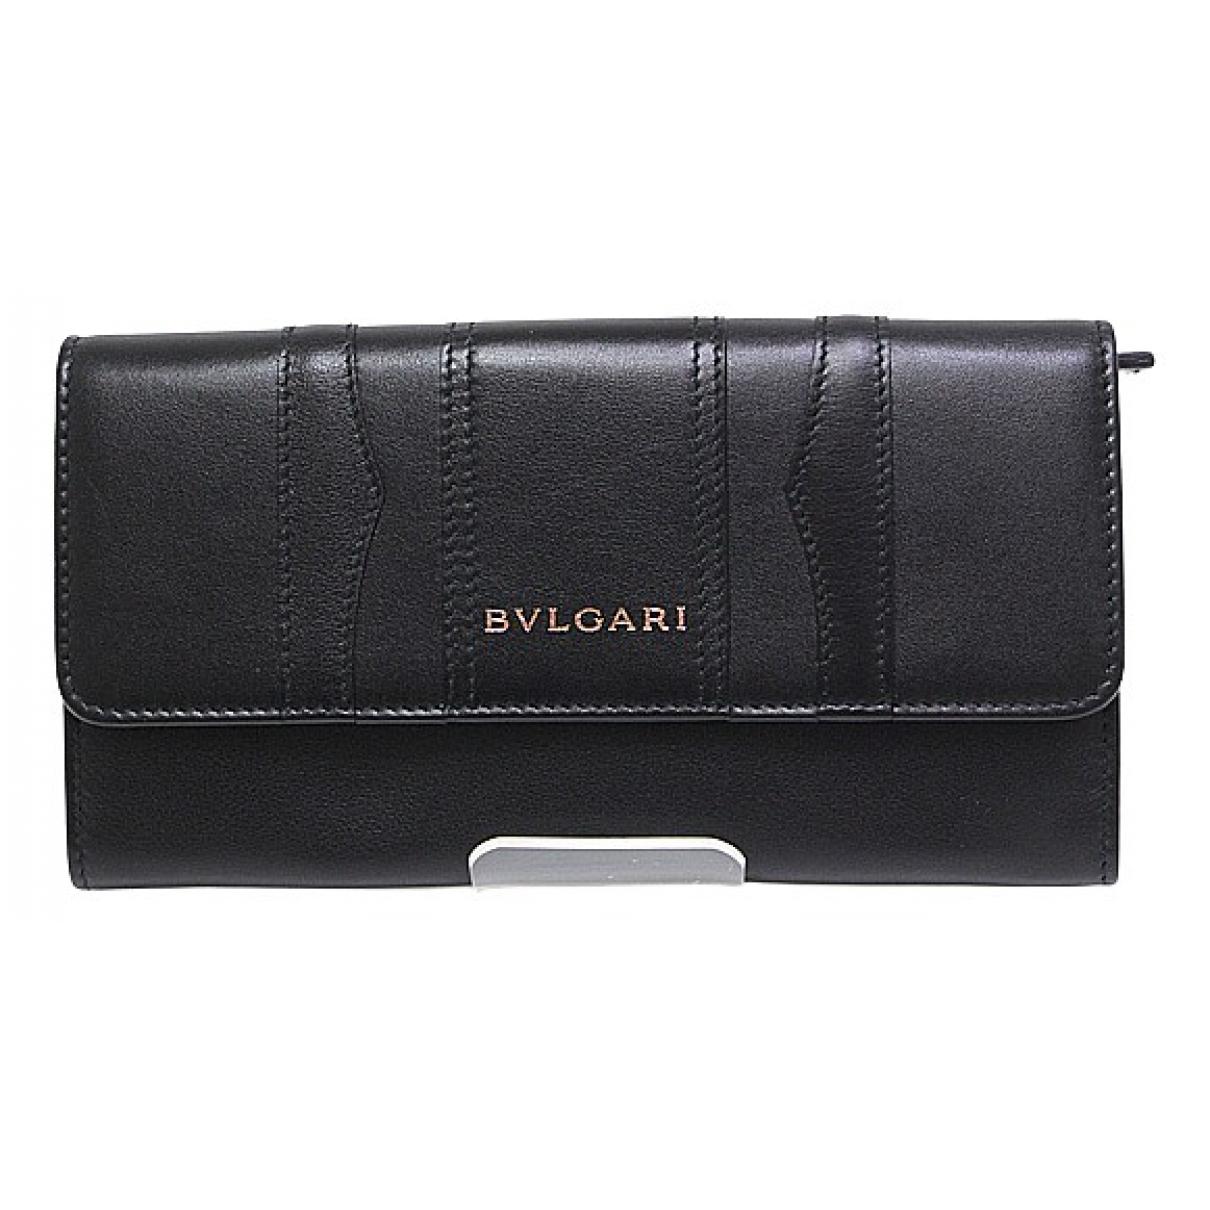 Bvlgari N Black Leather wallet for Women N